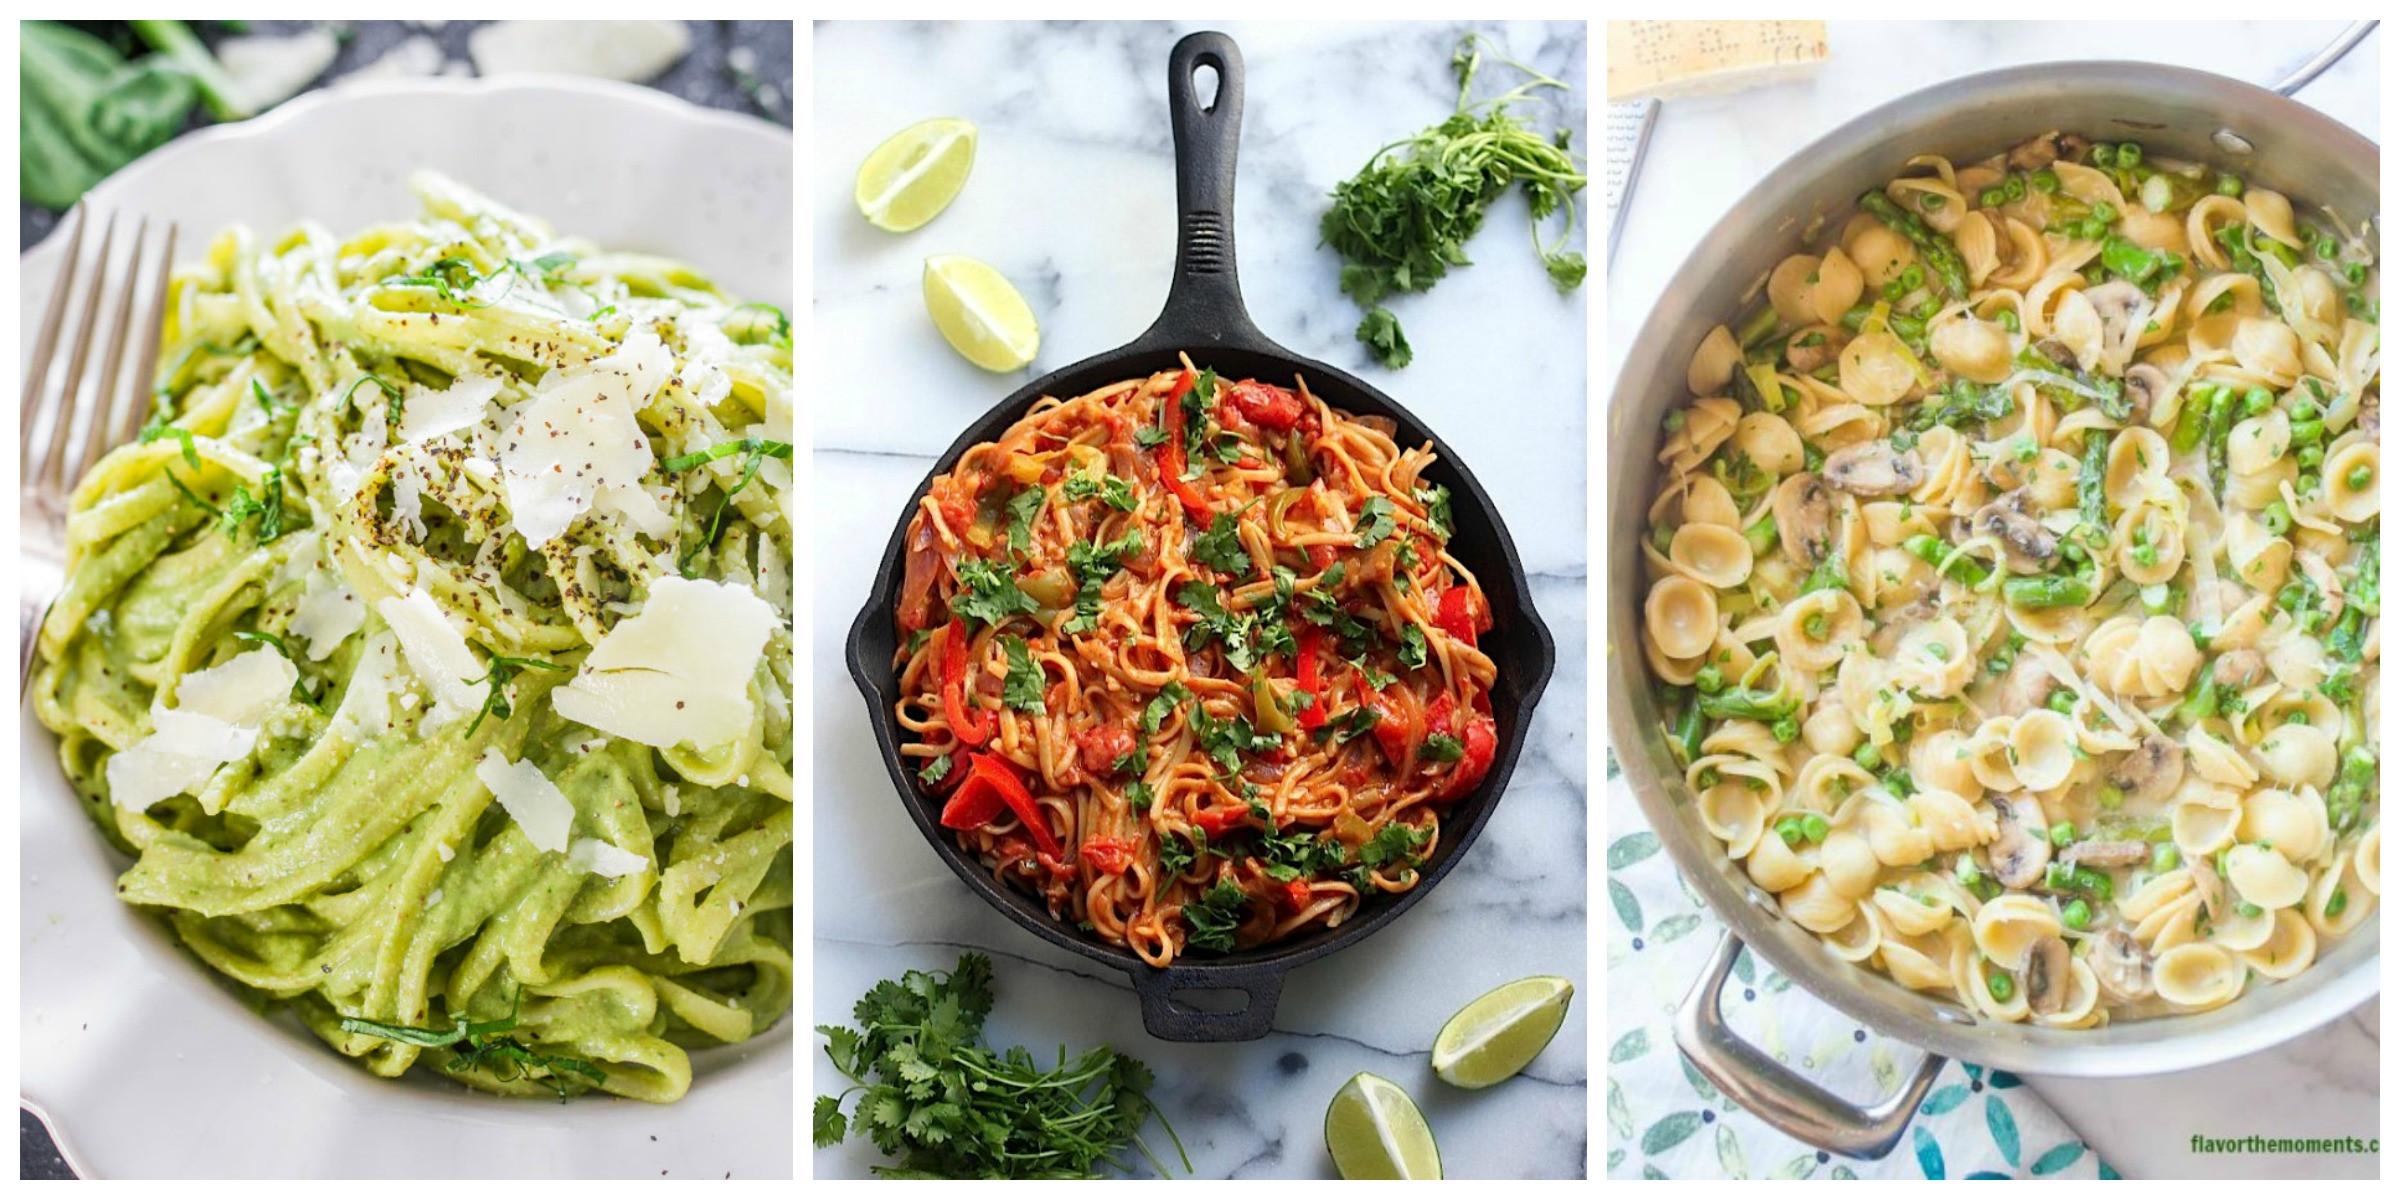 Healthy Dinner Ideas  25 Healthy Pasta Recipes Light Pasta Dinner Ideas